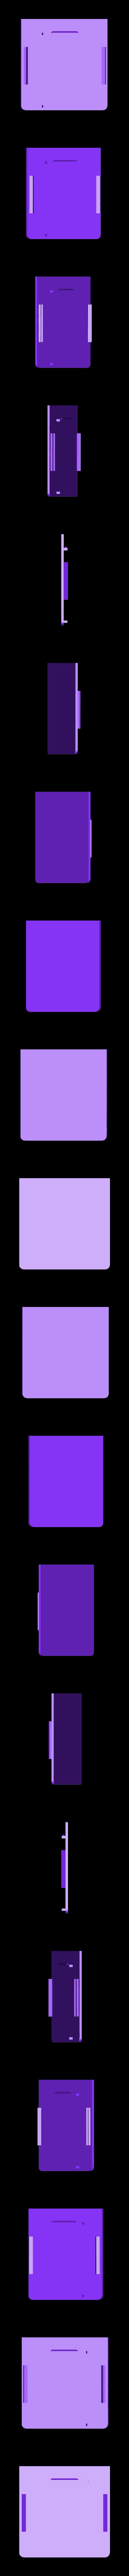 hallowmac-bottom.stl Télécharger fichier STL gratuit HalloWing Mac M0 • Modèle à imprimer en 3D, Adafruit